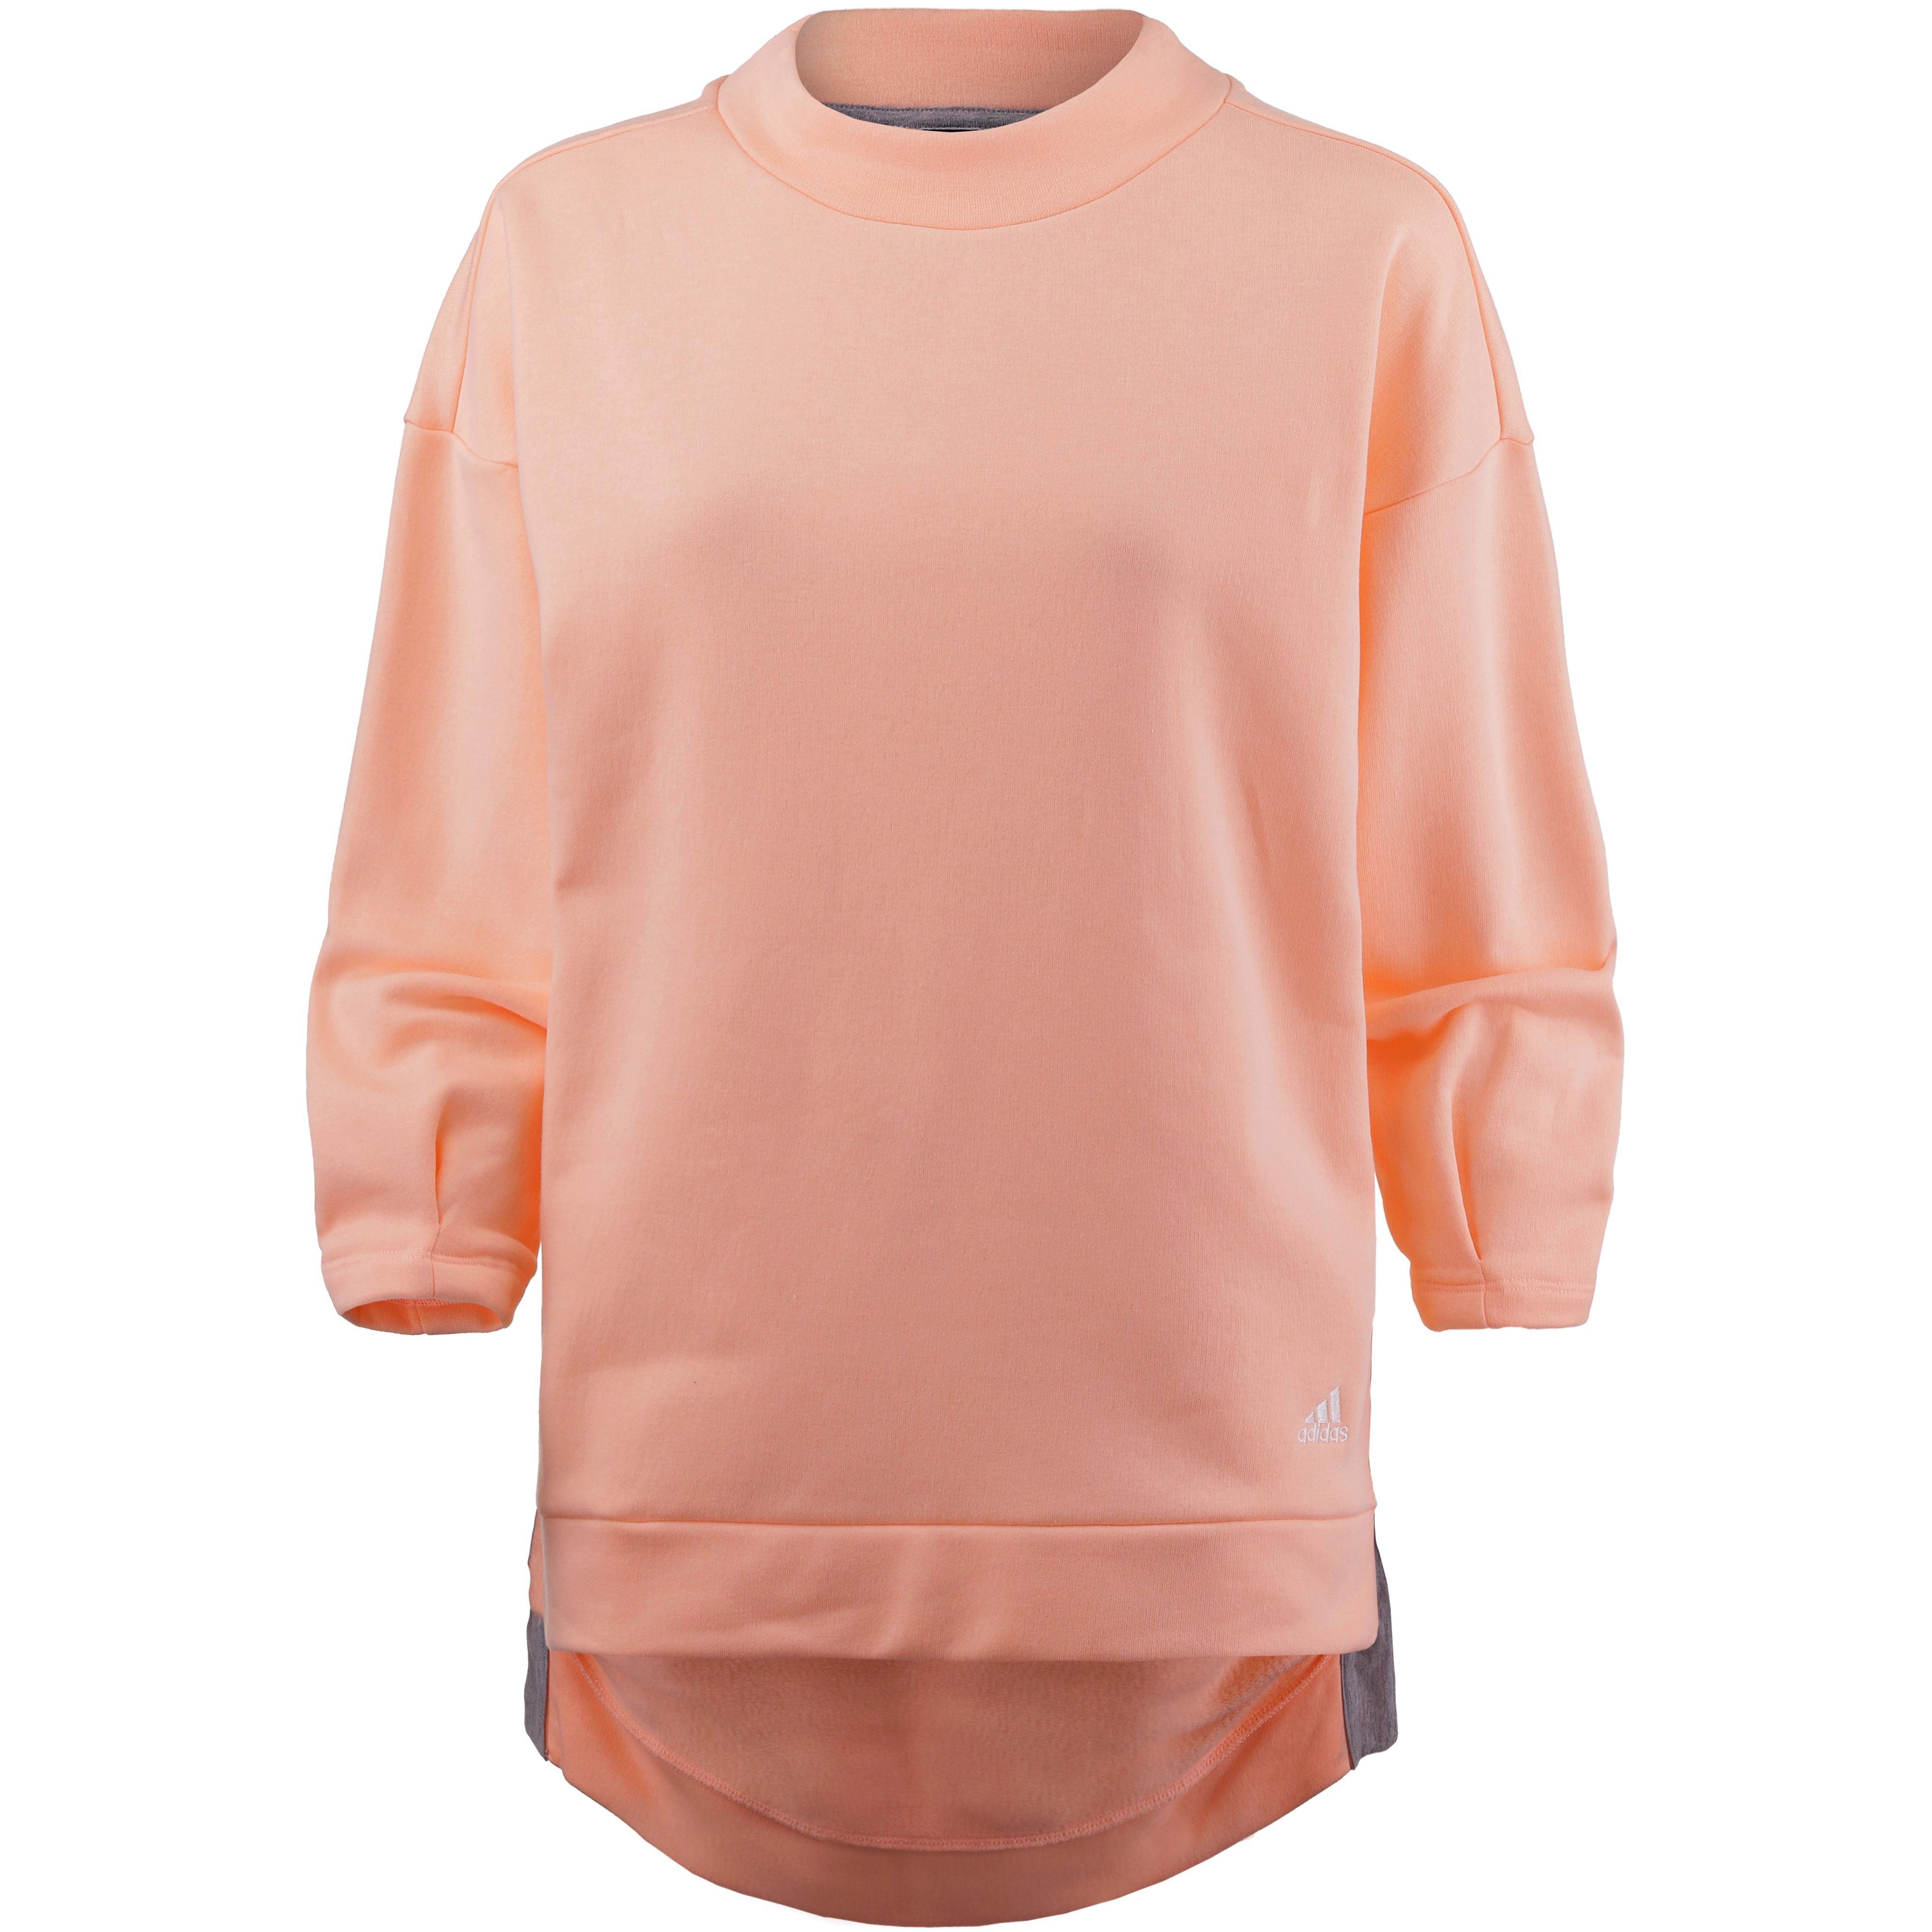 adidas Sweatshirt Damen haze coral im Online Shop von SportScheck kaufen